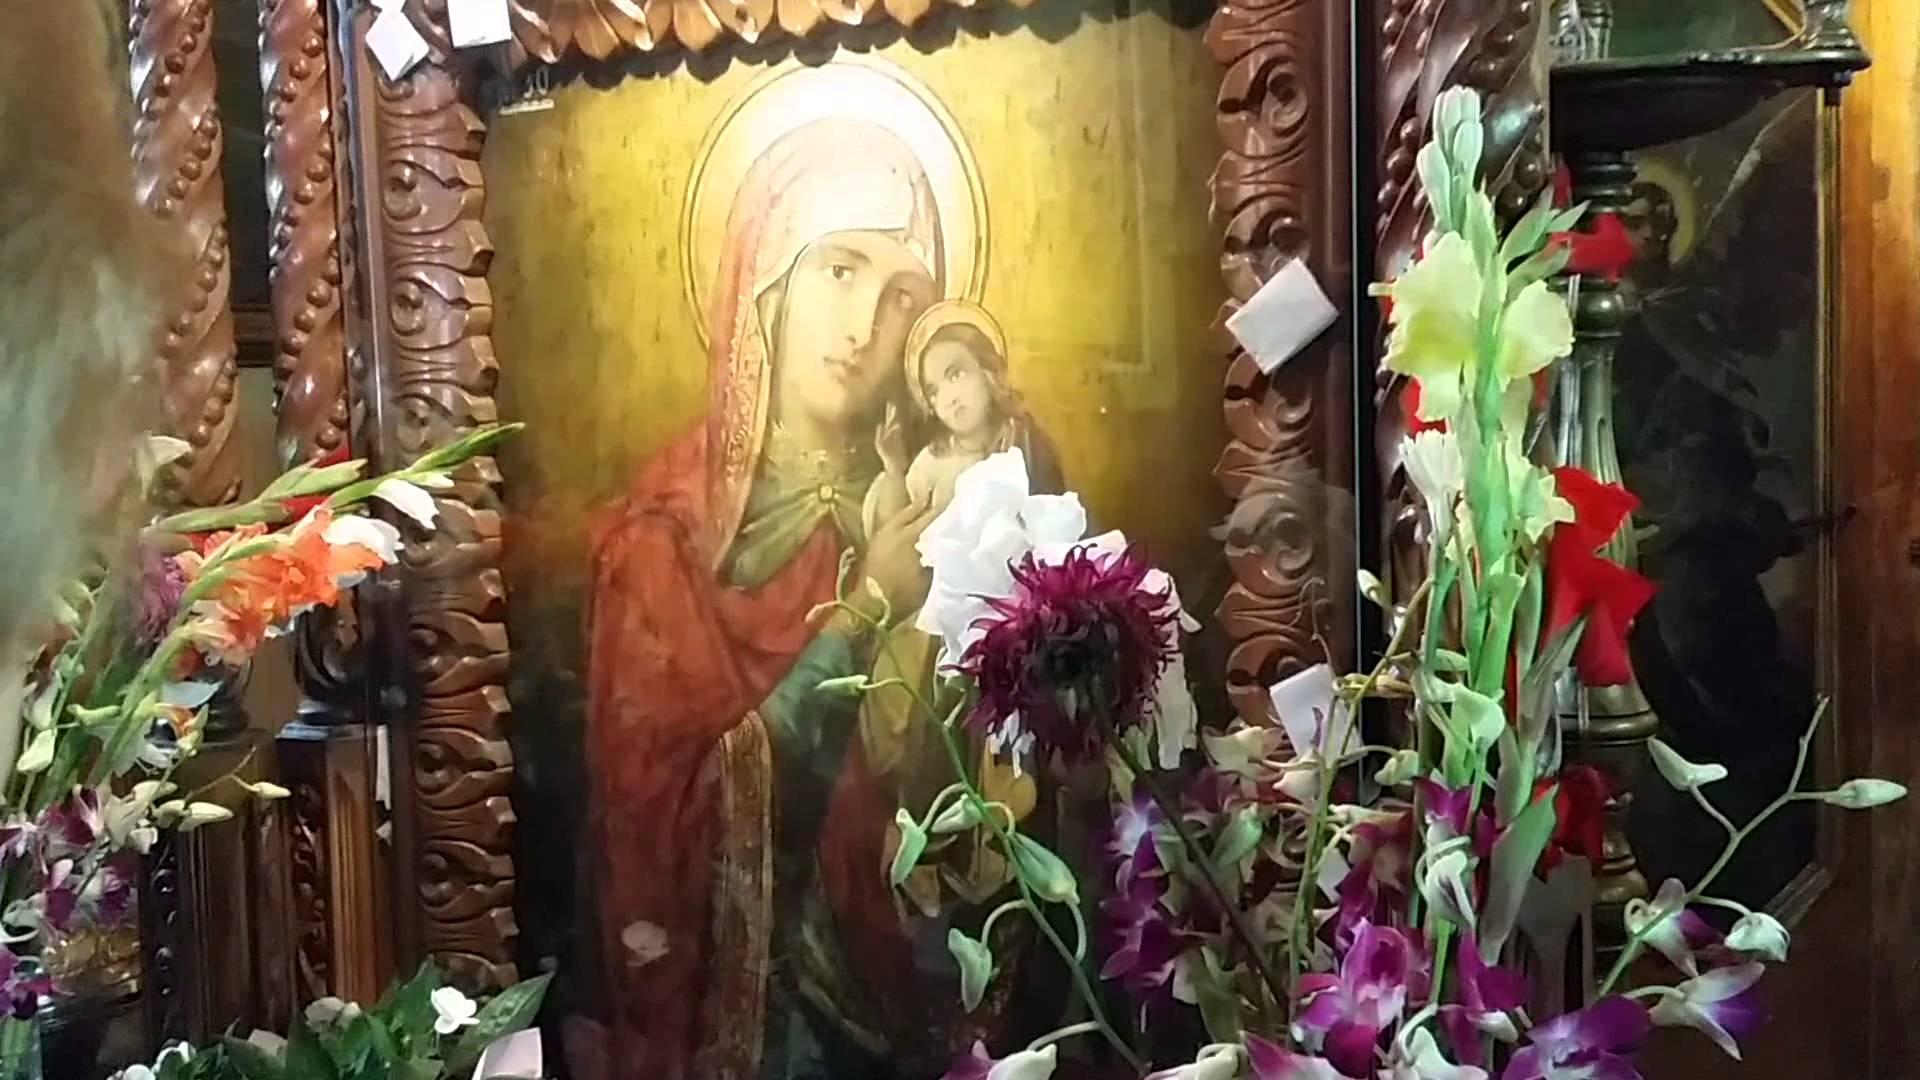 Fenomen inexplicabil în România. După ce au intrat în această biserică, mii de oameni s-au vindecat de diverse boli